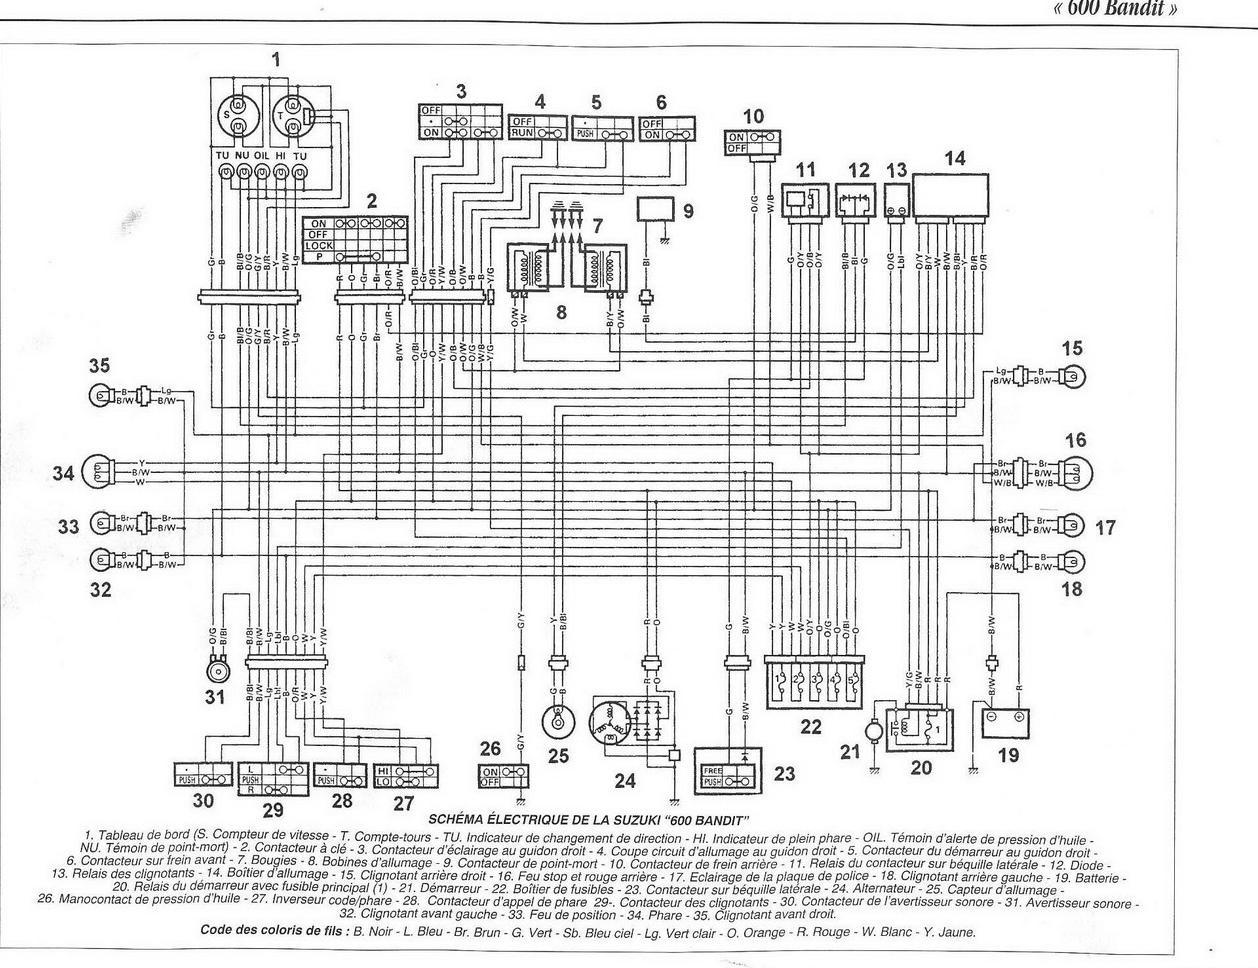 forums    fiches et documentations bandit    cherche schema electrique